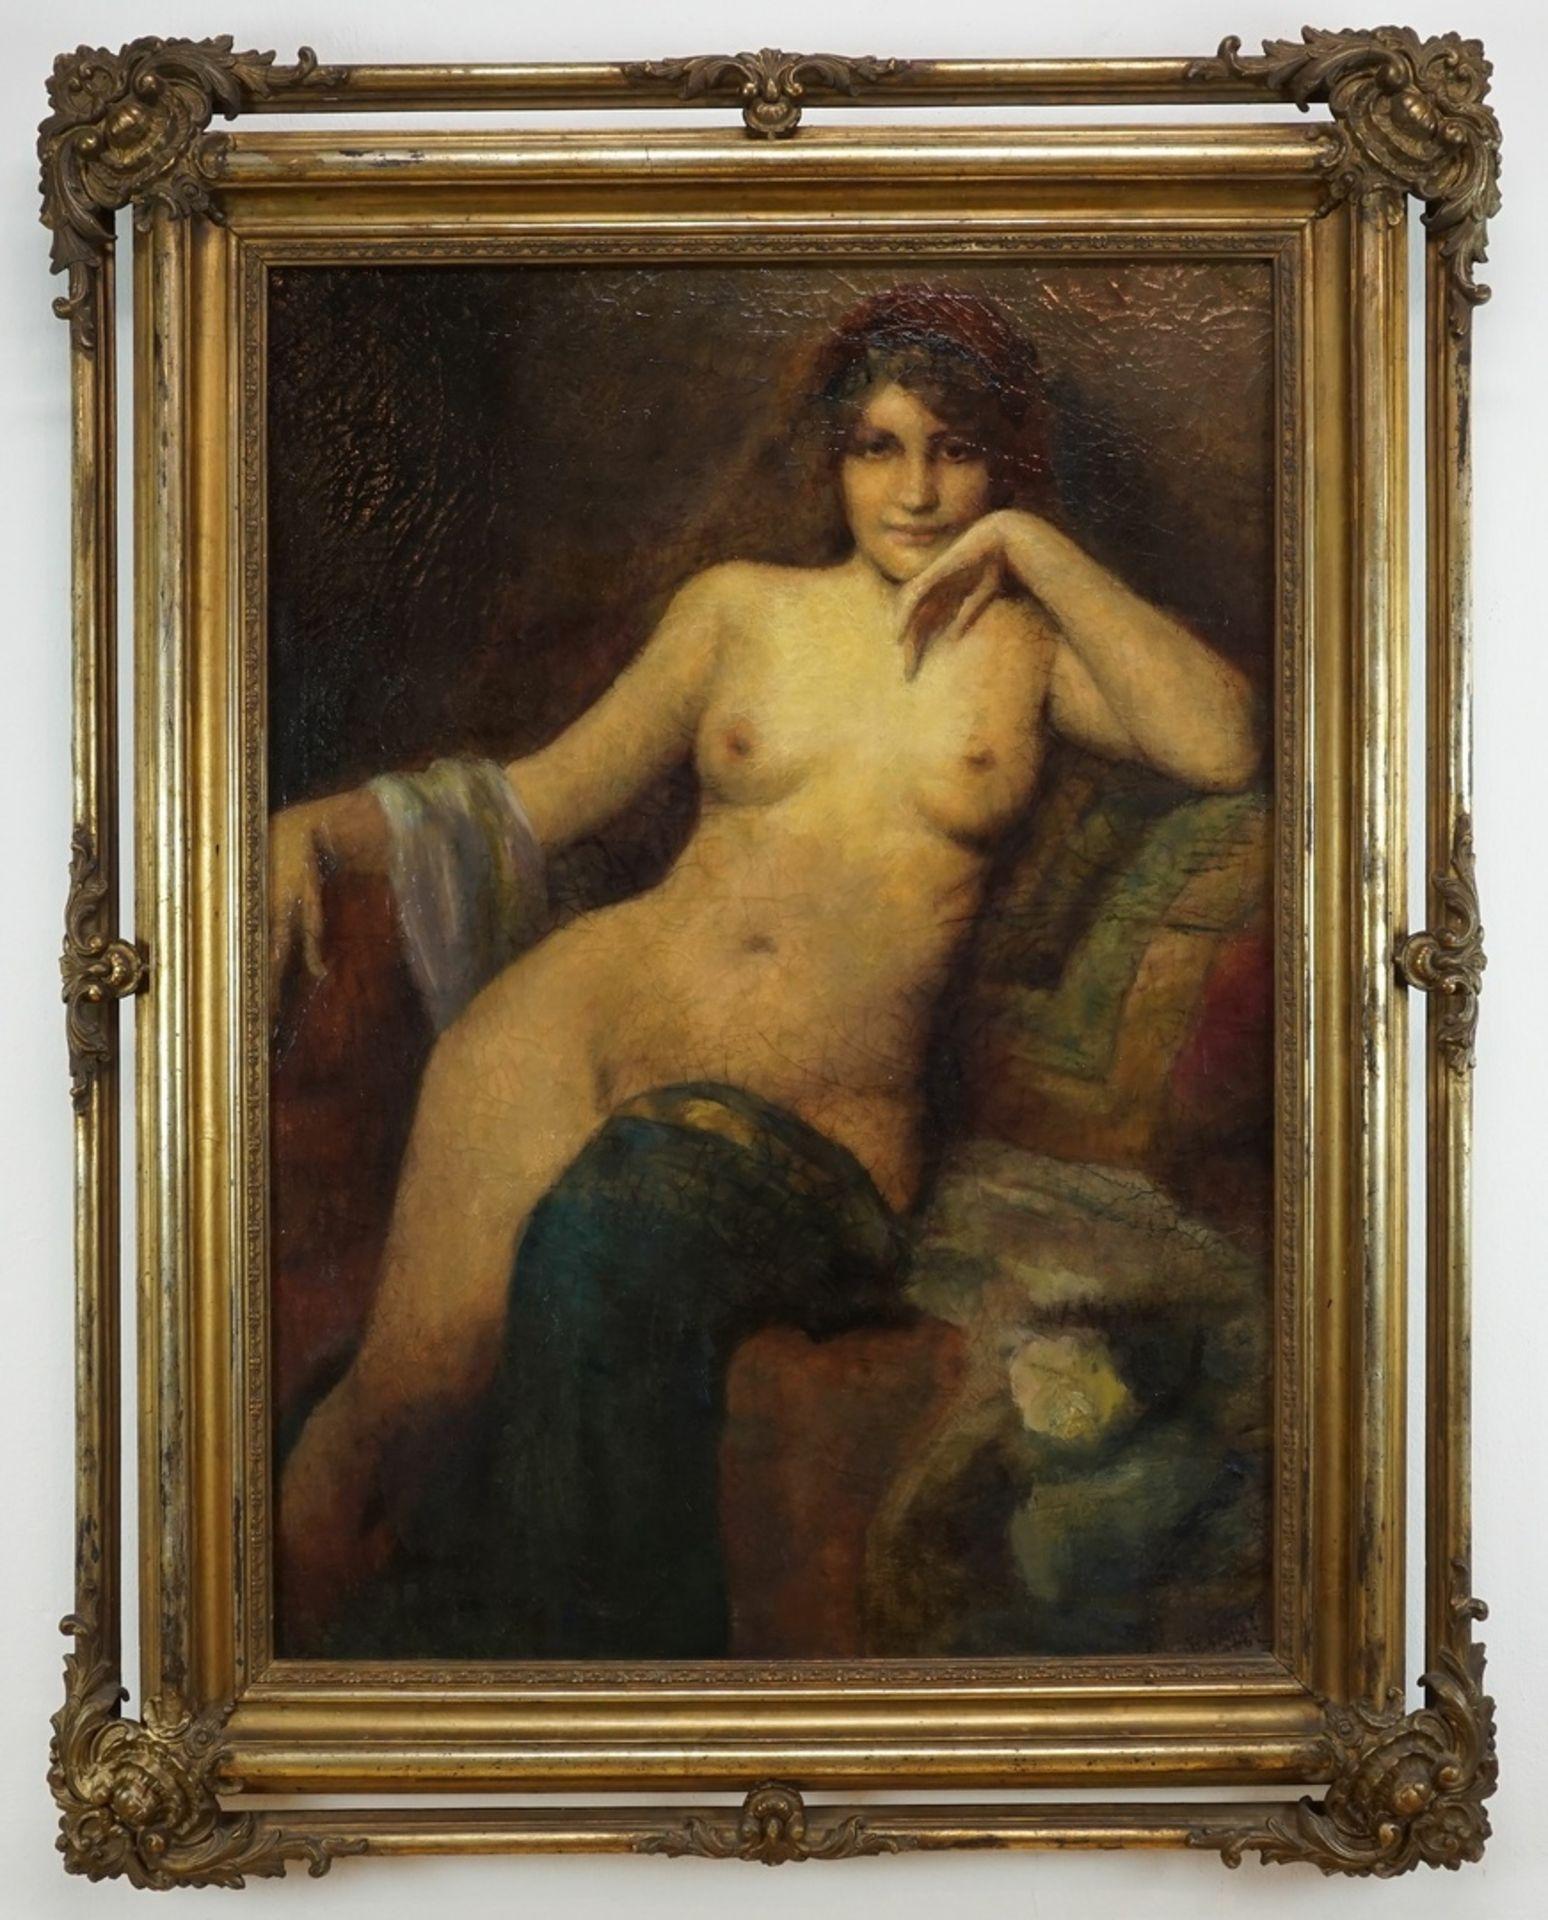 Fabio Fabbi, Orientalisierender weiblicher Akt